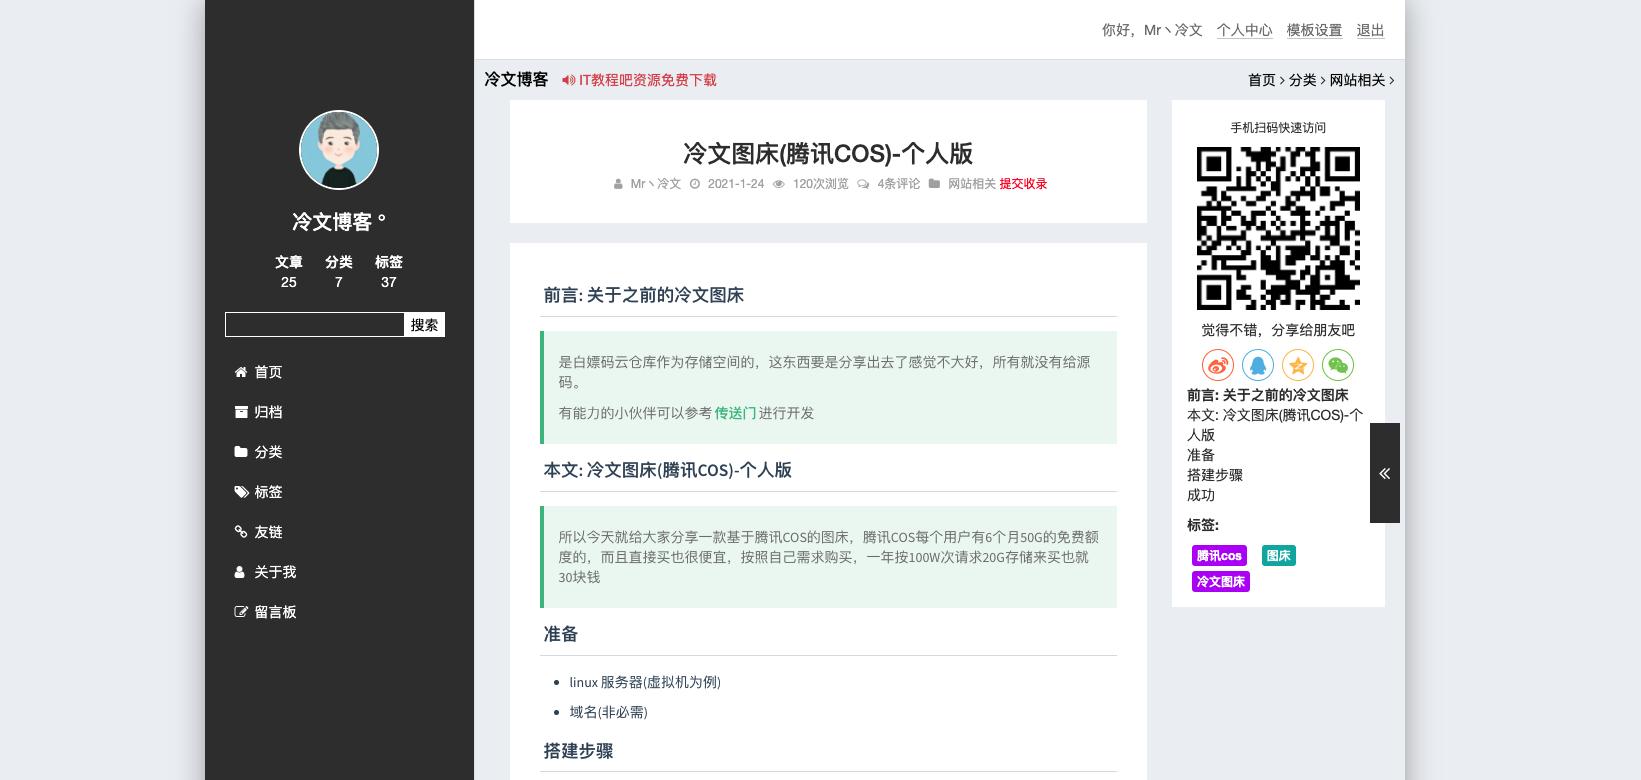 https://imagebed-1252410096.cos.ap-nanjing.myqcloud.com/20210311/b36a9e31542b44eab80c850420e8c3ca.png